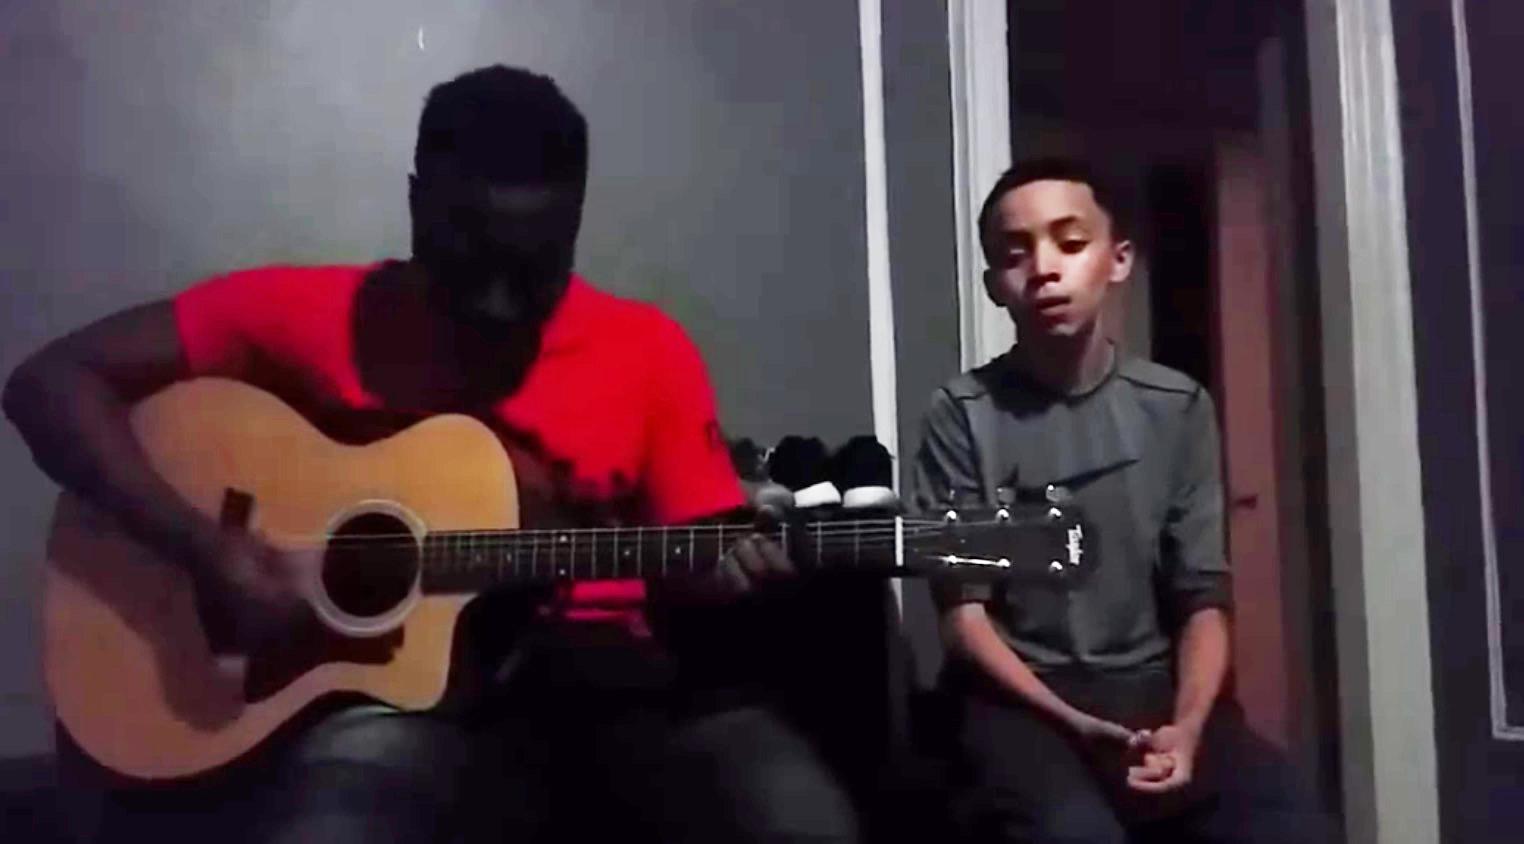 【鳥肌】開始1秒で「歌うま!」ってなる!少年のあまりの美声に鳥肌!!